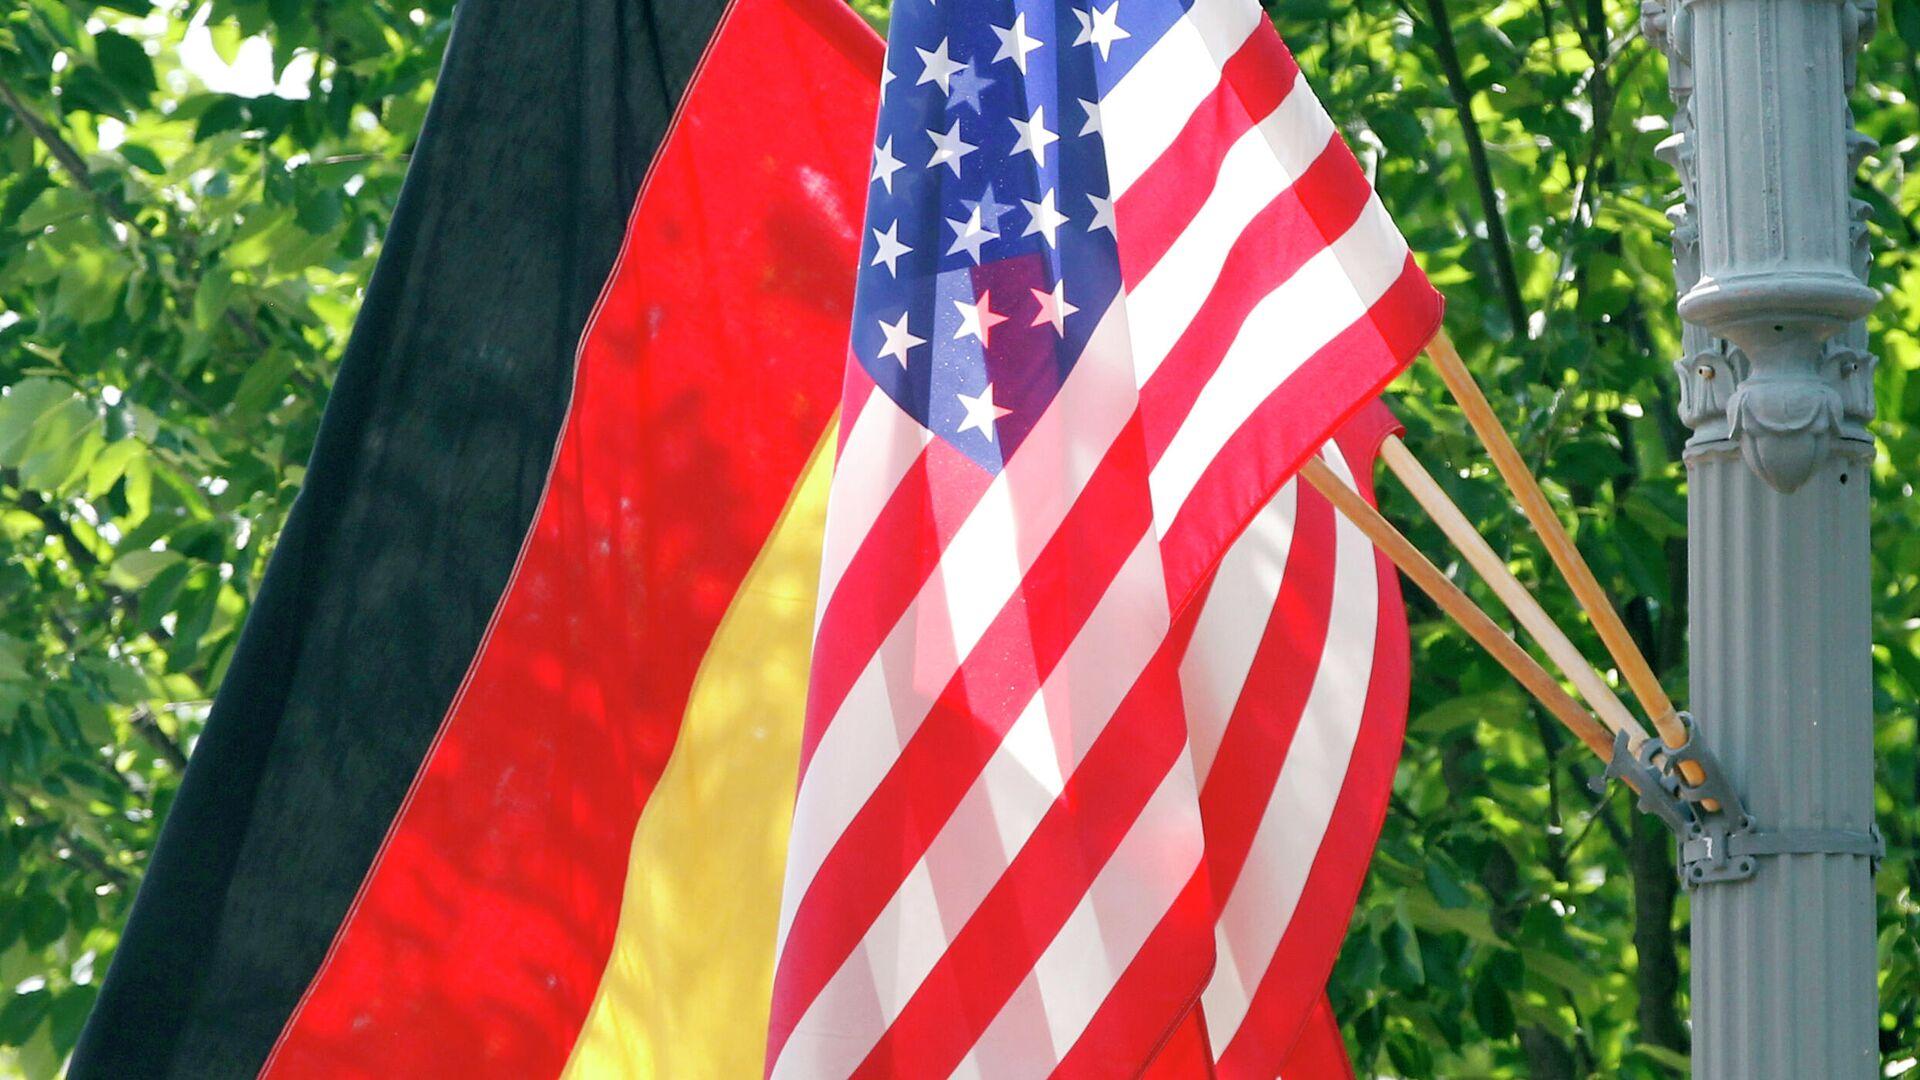 Flagge Deutschland / USA - SNA, 1920, 21.07.2021